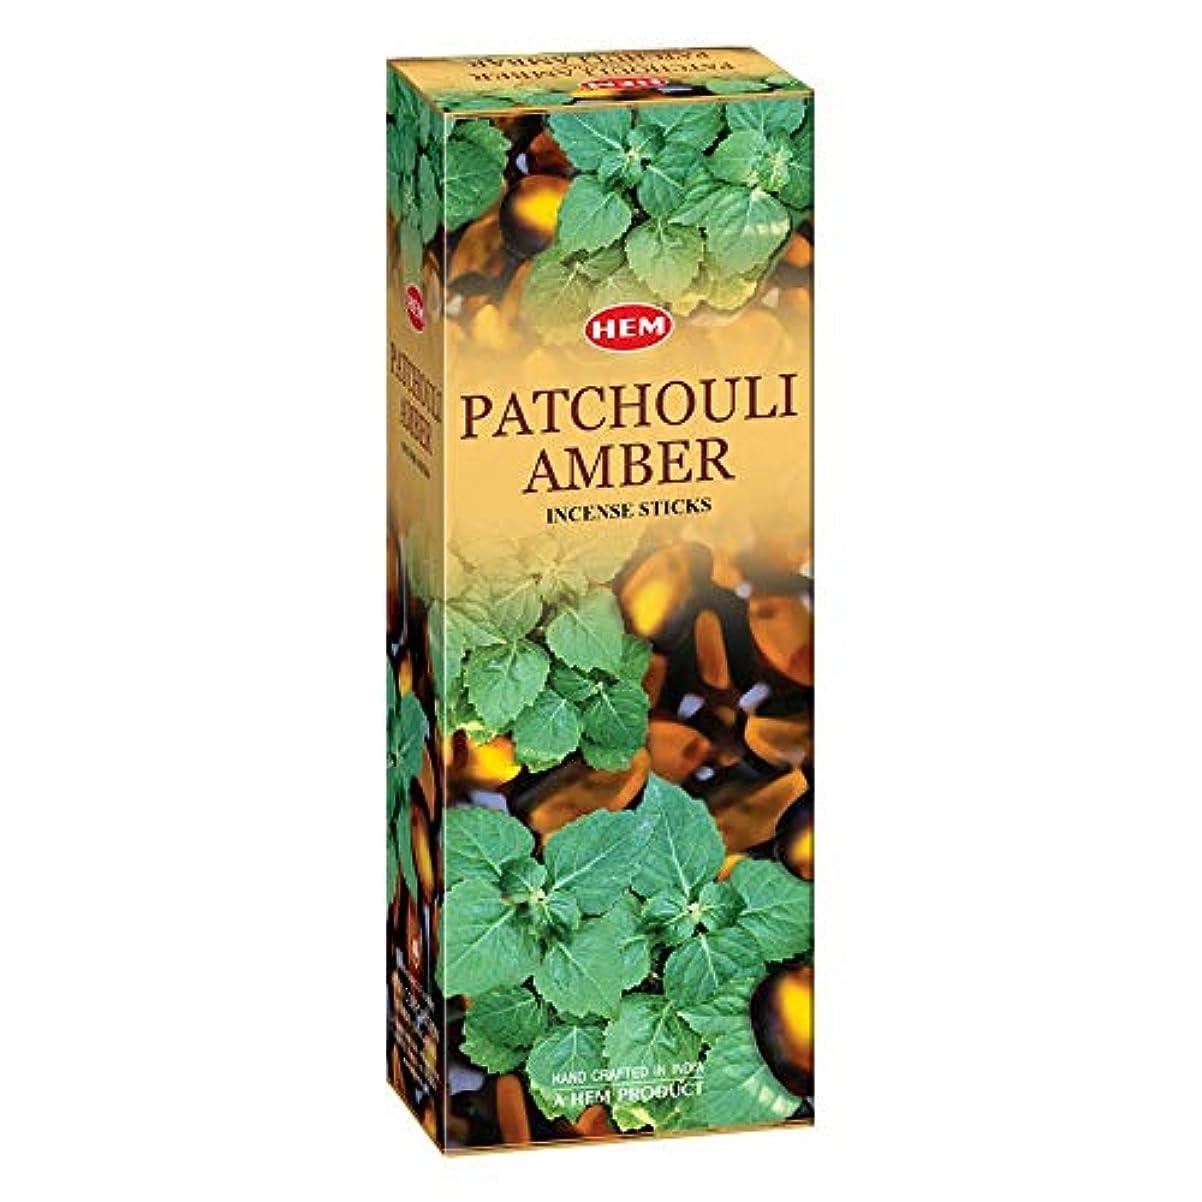 肥沃なに話す仲人Hem Patchouli Amber Incense Sticks(9.3 cm X 6.0 cm X 25.5cm, Black)